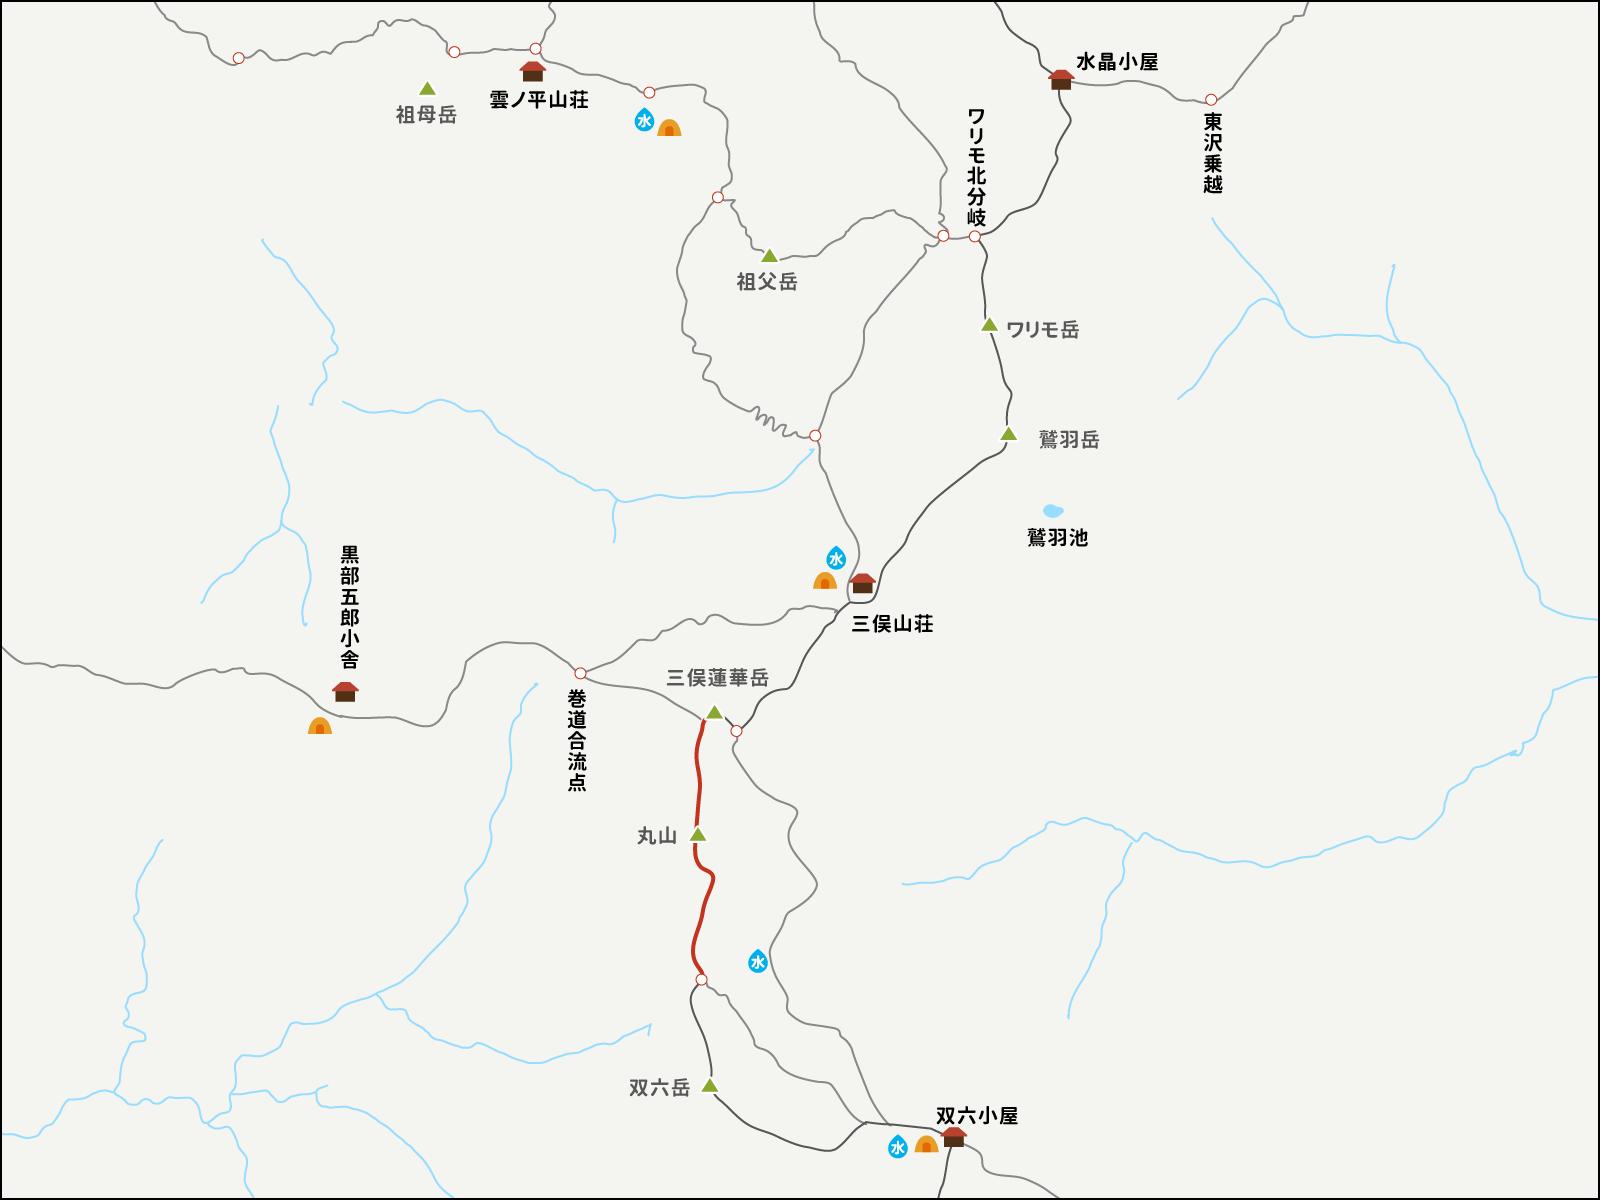 三俣蓮華岳から双六岳分岐点までのイラストマップ